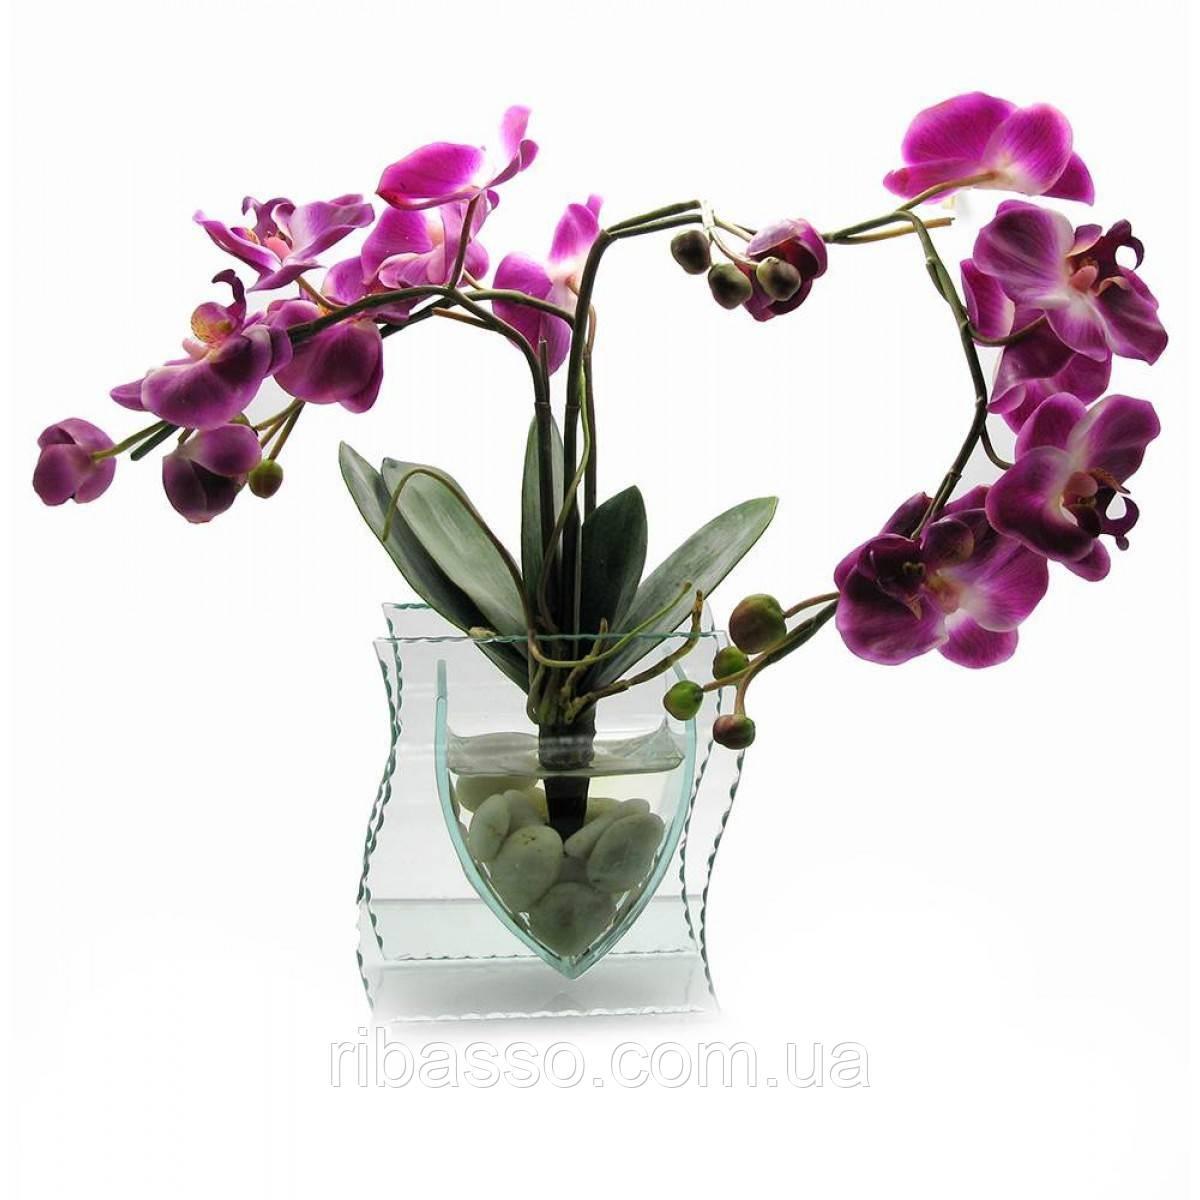 Орхидея в стекле 35х21х8,5 см 18788